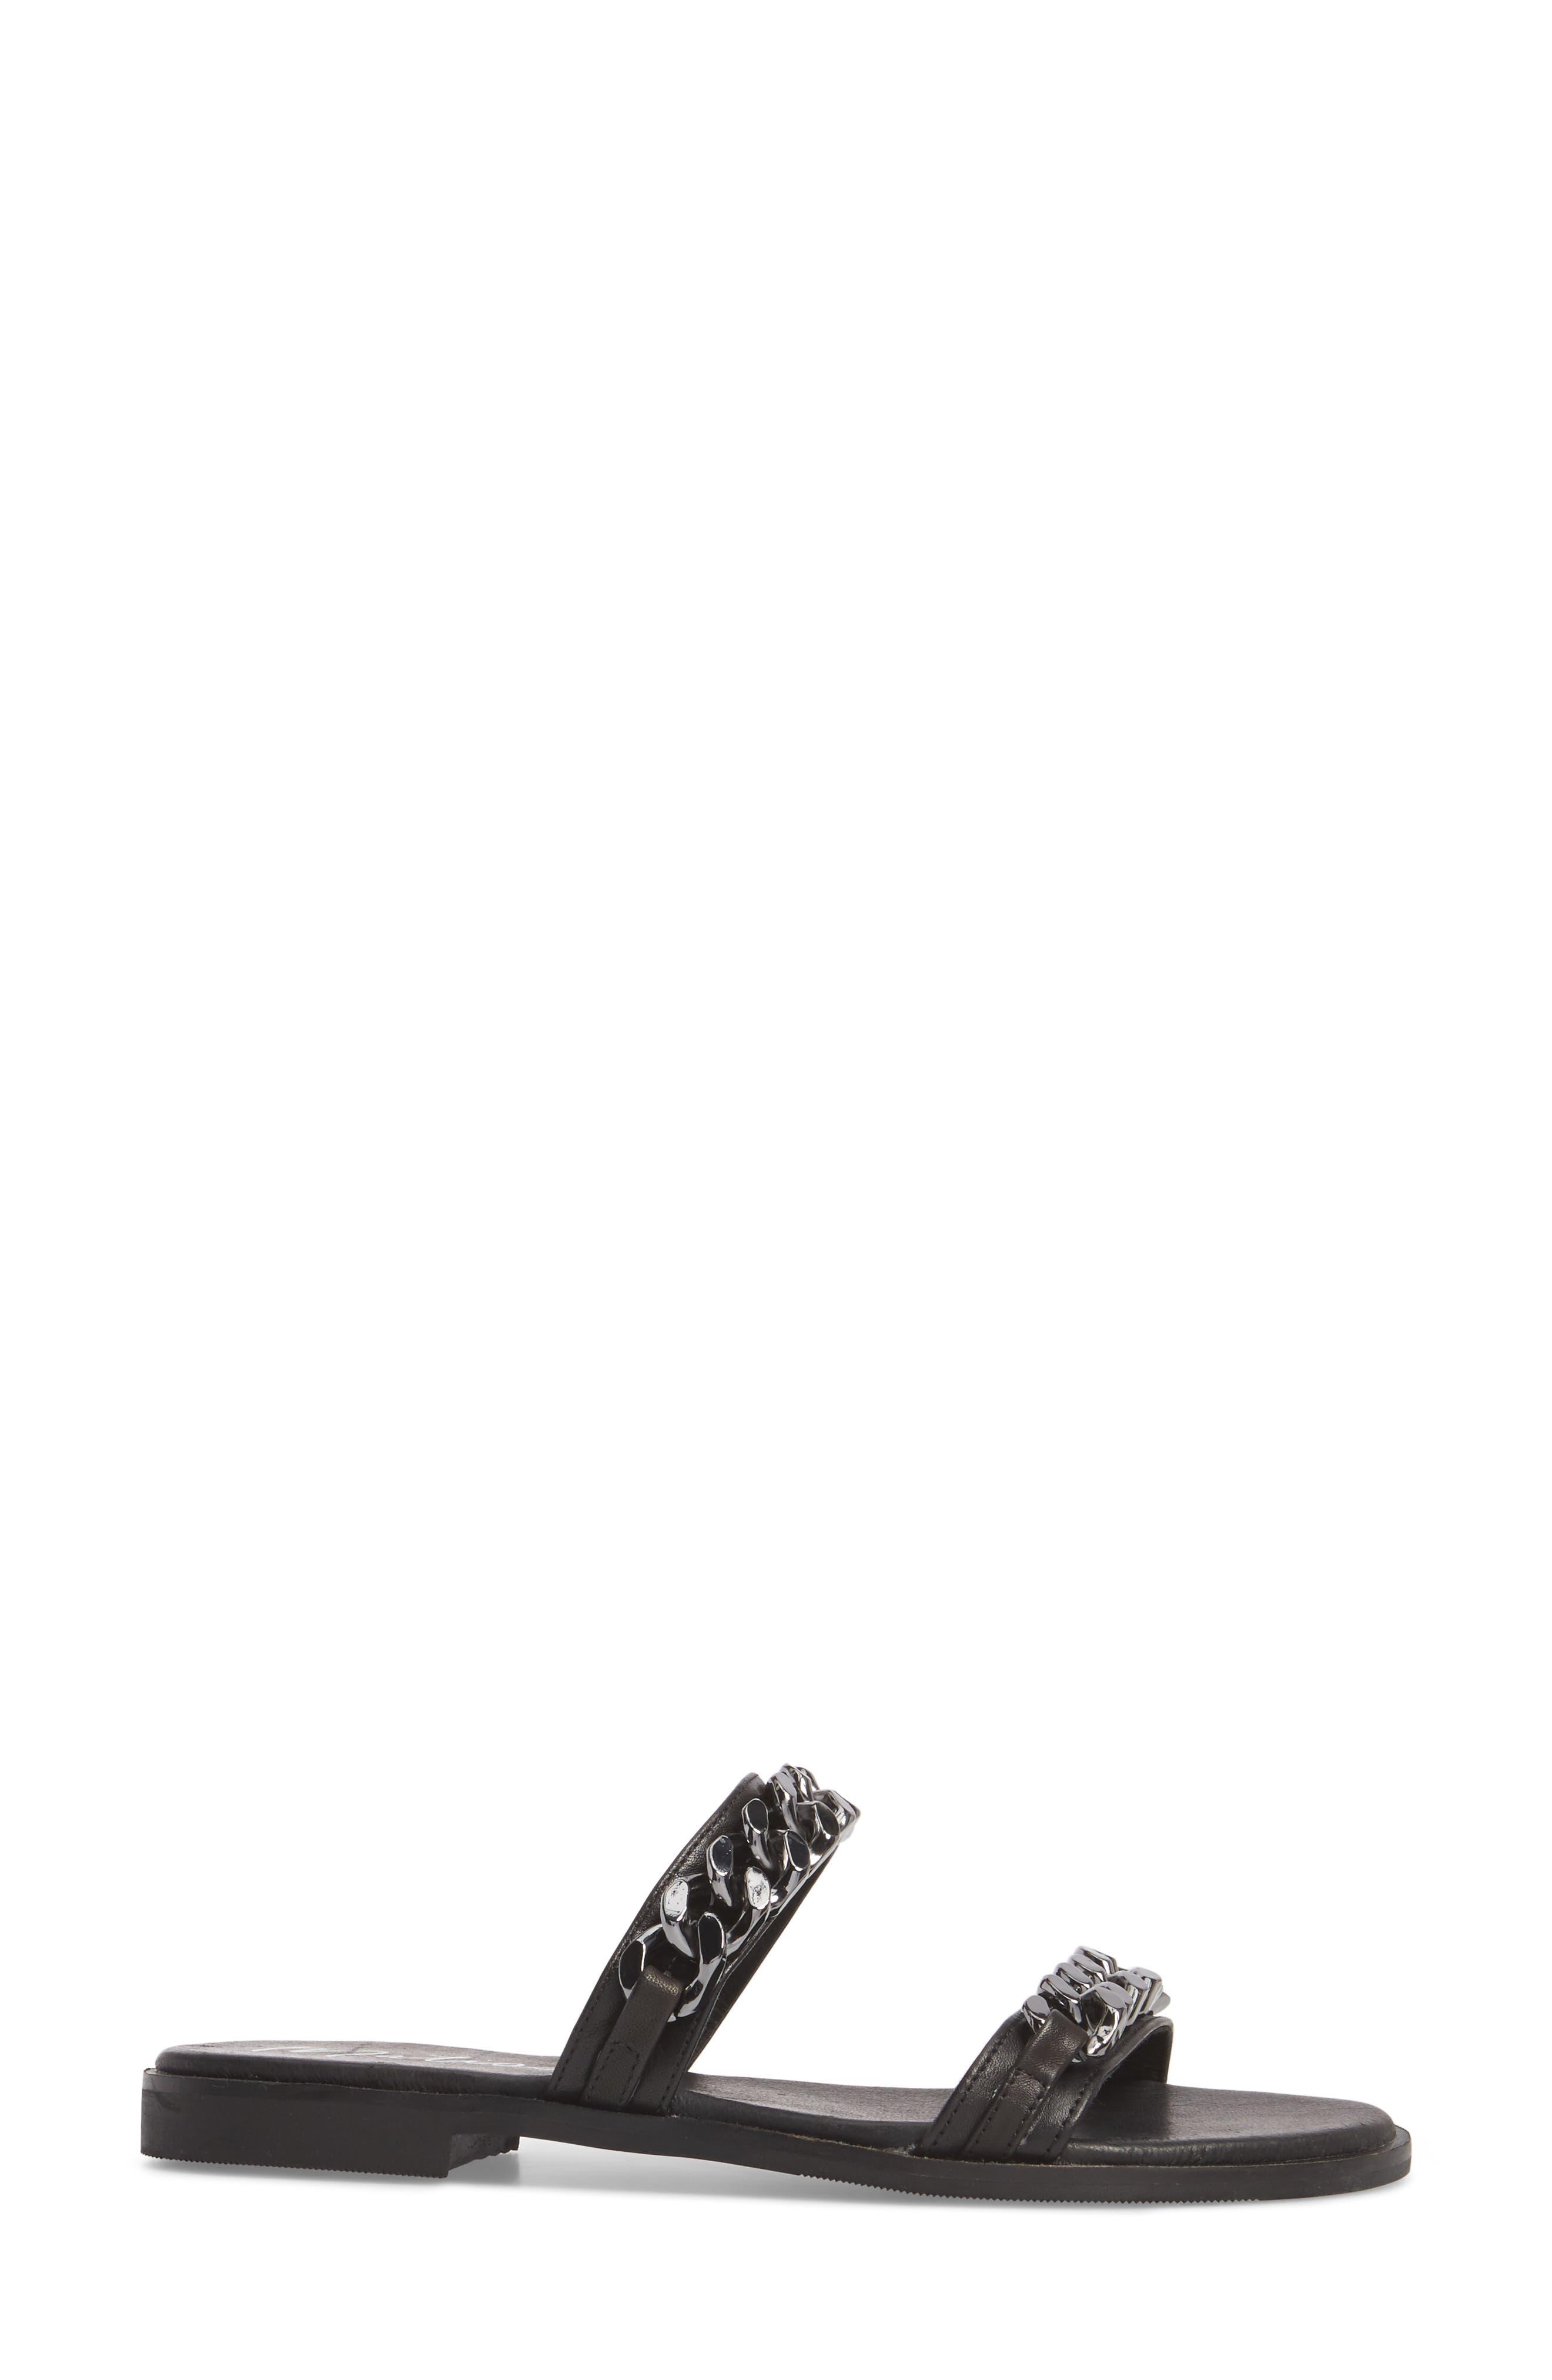 Alternate Image 3  - Matisse Reagon Sandal (Women)